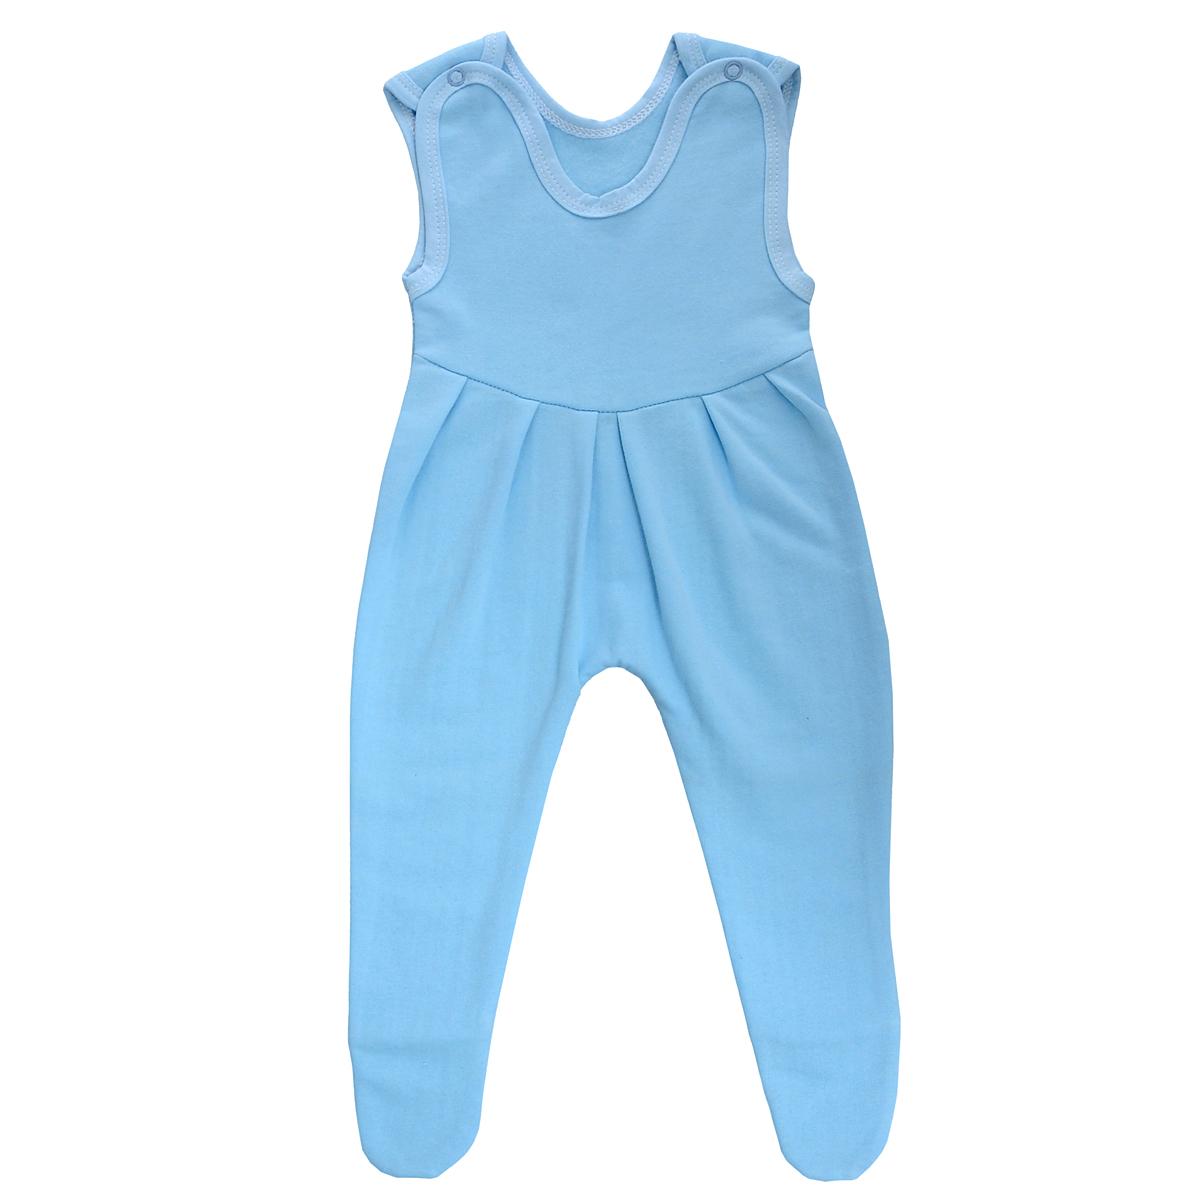 Ползунки с грудкой Трон-плюс, цвет: голубой. 5221. Размер 62, 3 месяца5221Ползунки с грудкой Трон-плюс - очень удобный и практичный вид одежды для малышей. Ползунки выполнены из футера - натурального хлопка, благодаря чему они необычайно мягкие, тепленькие и приятные на ощупь, не раздражают нежную кожу ребенка и хорошо вентилируются, а эластичные швы приятны телу младенца и не препятствуют его движениям. Ползунки с закрытыми ножками, застегивающиеся сверху на две кнопочки, идеально подойдут вашему ребенку, обеспечивая ему наибольший комфорт, подходят для ношения с подгузником и без него. От линии груди заложены складочки, придающие изделию оригинальность.Ползунки с грудкой полностью соответствуют особенностям жизни младенца в ранний период, не стесняя и не ограничивая его в движениях!